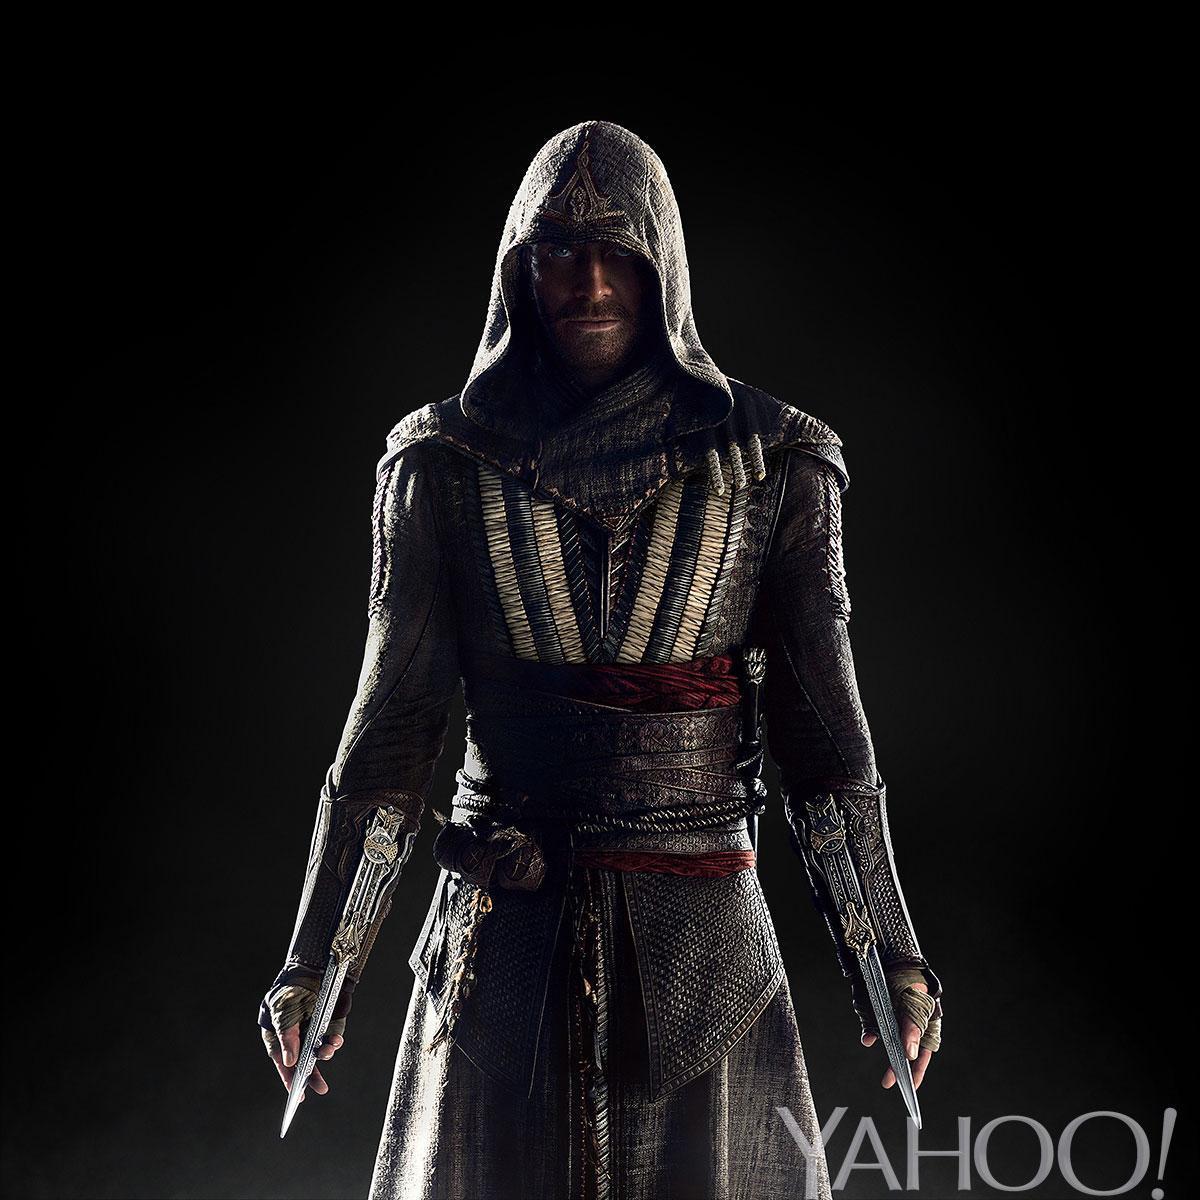 انتشار عکس مایکل فاسبندر به عنوان یک کشیش قاتل در فیلم Assassins creed